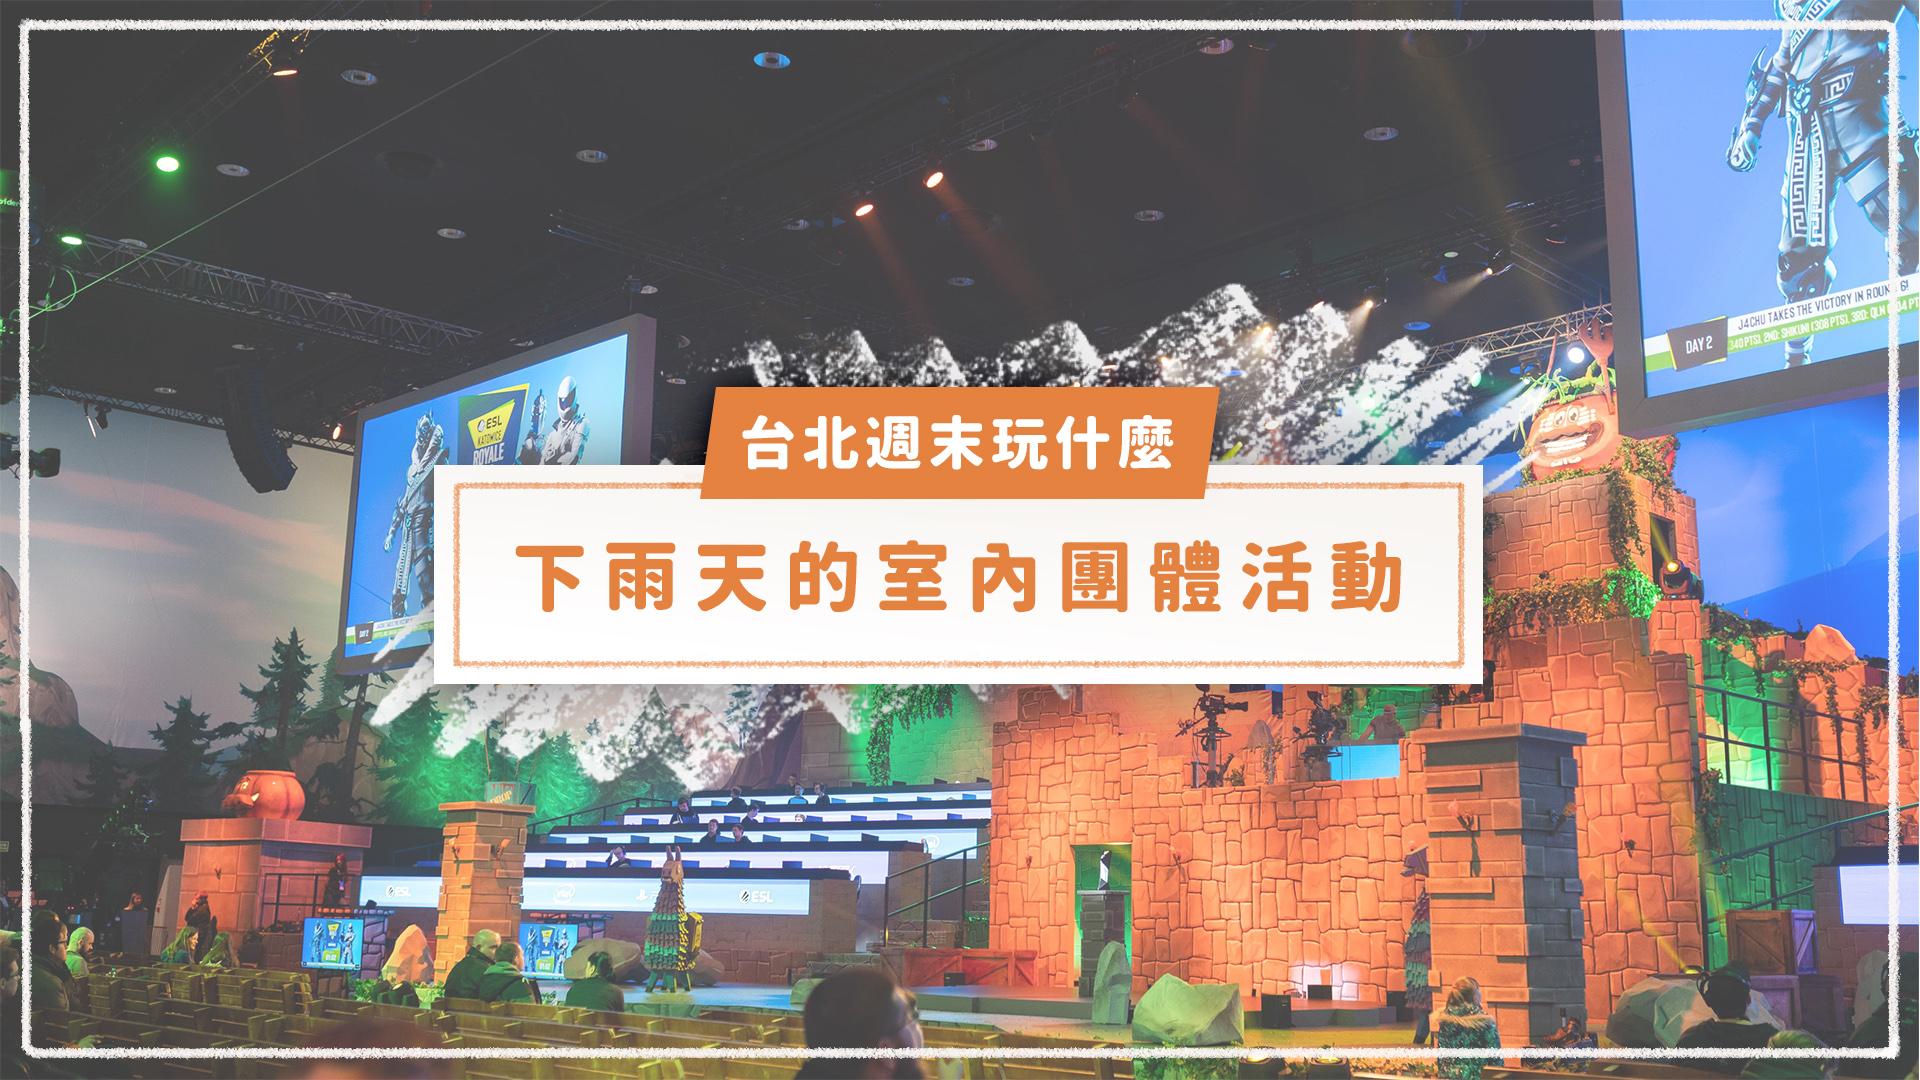 台北週末玩什麼?下雨也不怕的室內活動,讓你和朋友們雨天揪團更盡興!